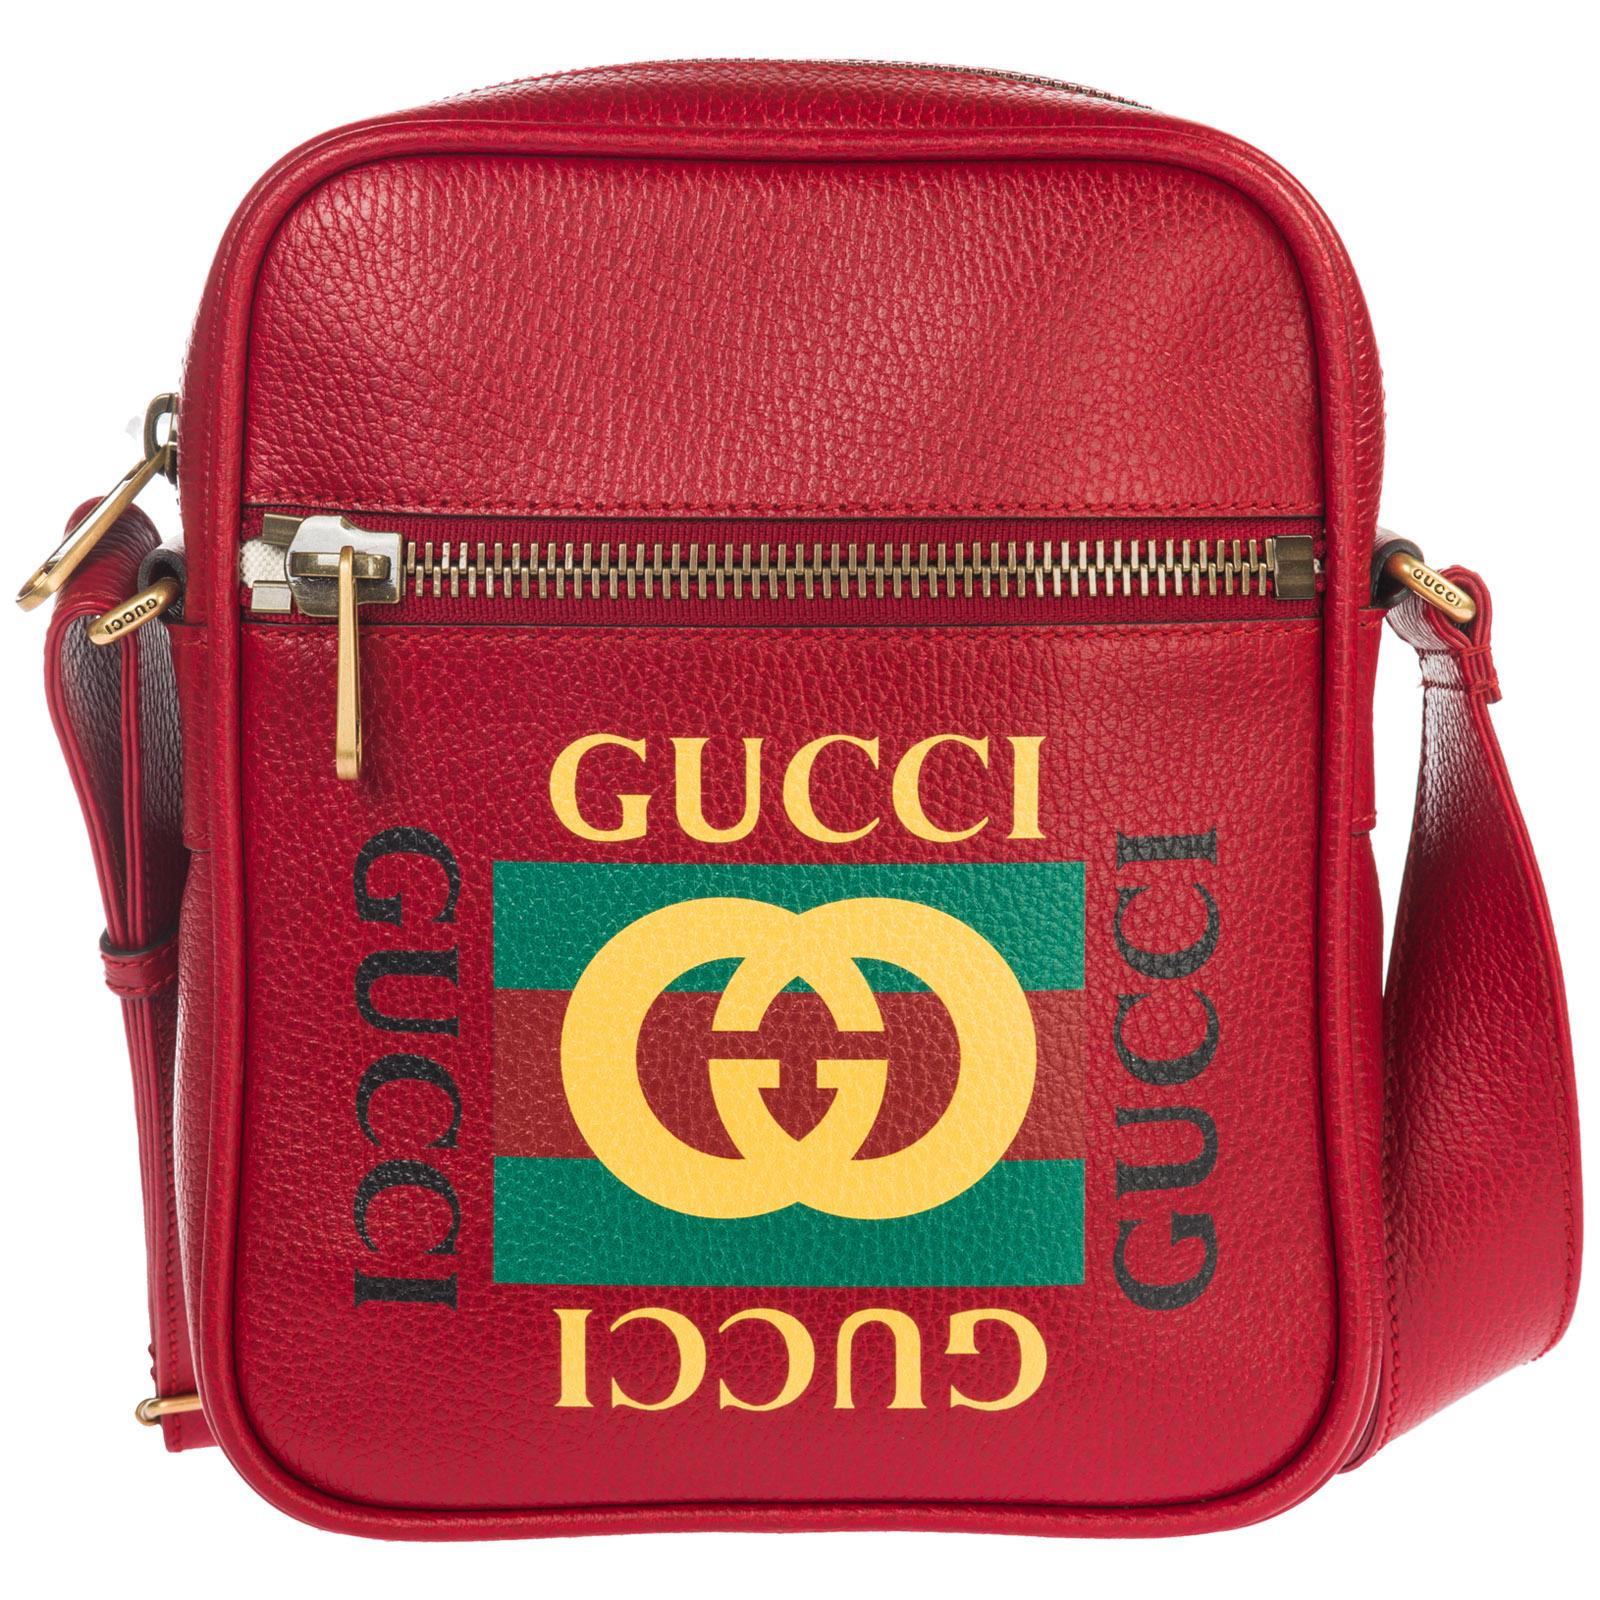 Borsa a tracolla Gucci Gucci Print 523591 0QSAT 6461 rosso  53e5164c08e